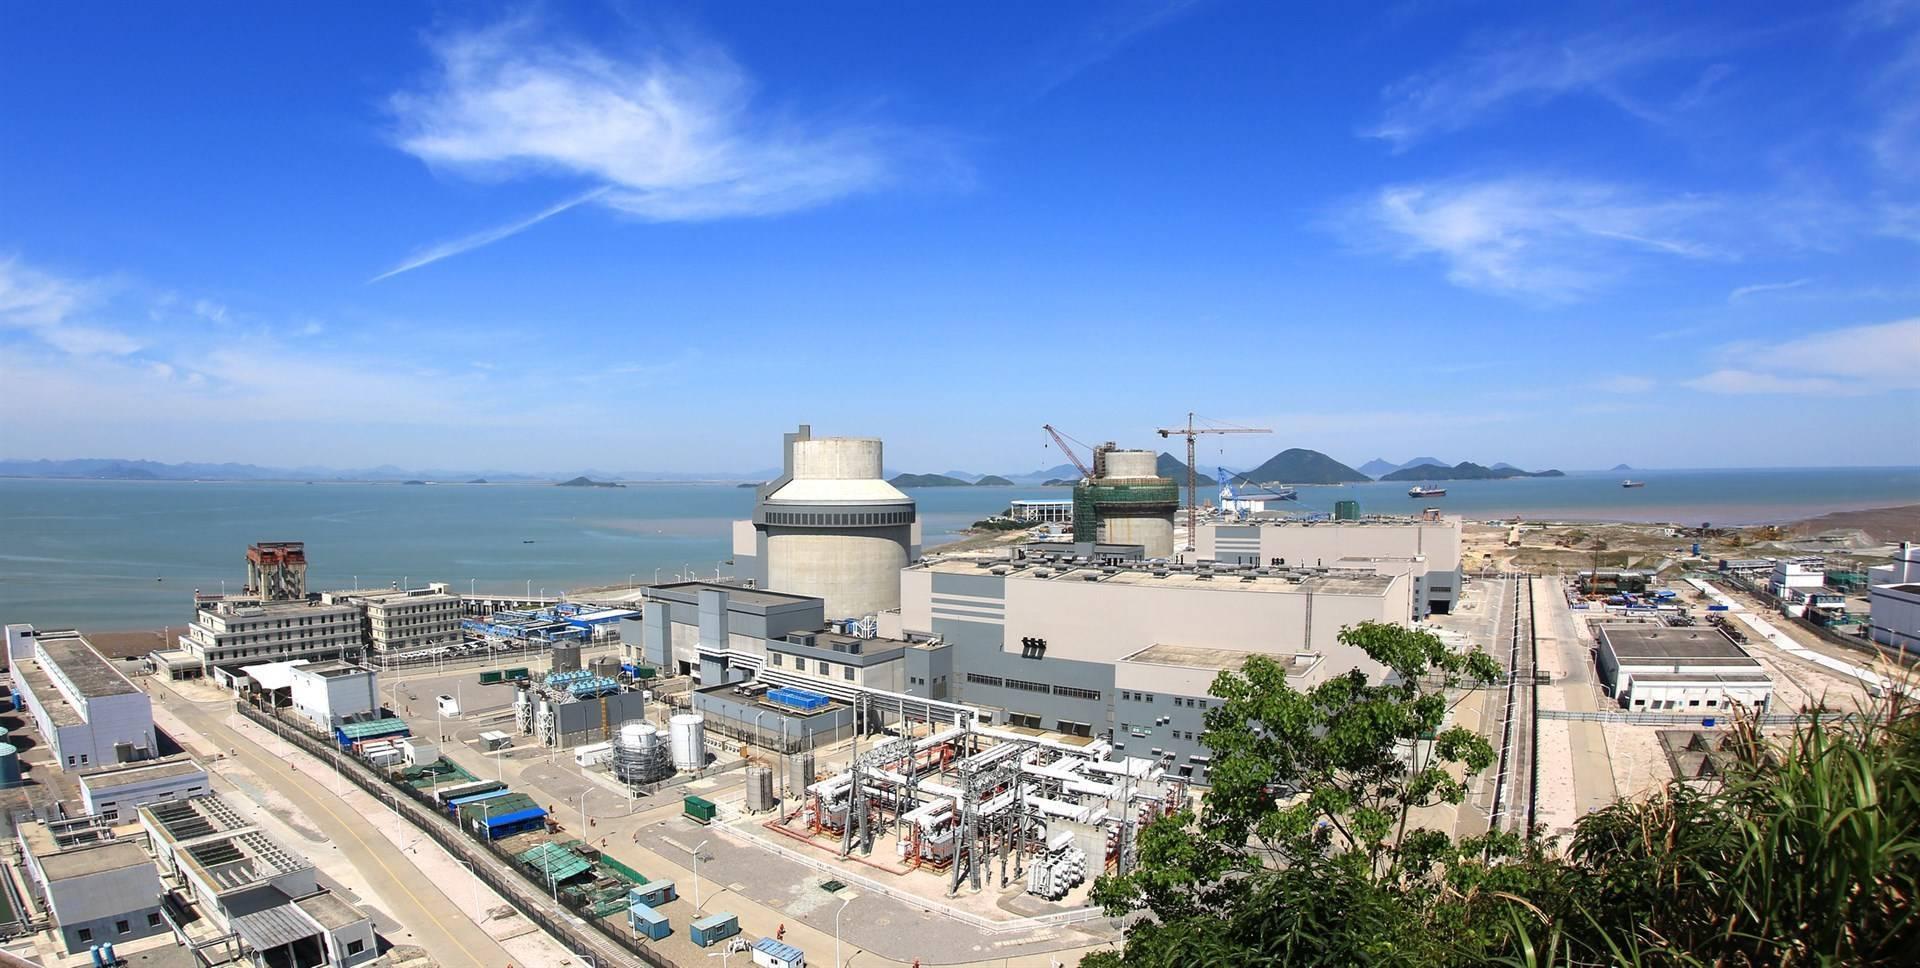 中国核工业第二二建设有限公司的公司展示